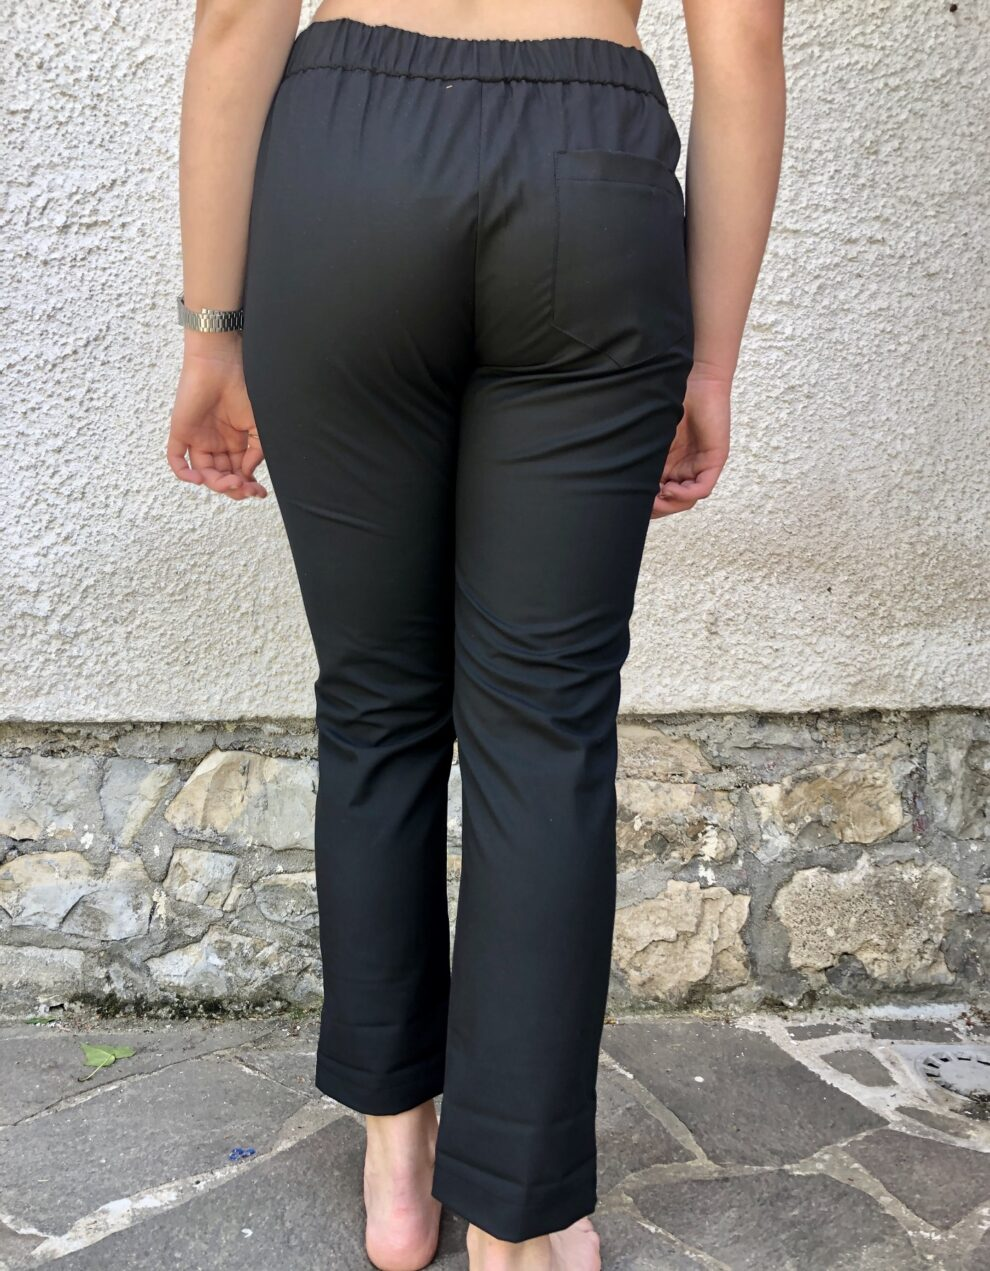 Pantalone Nero Nam particolare - dietro